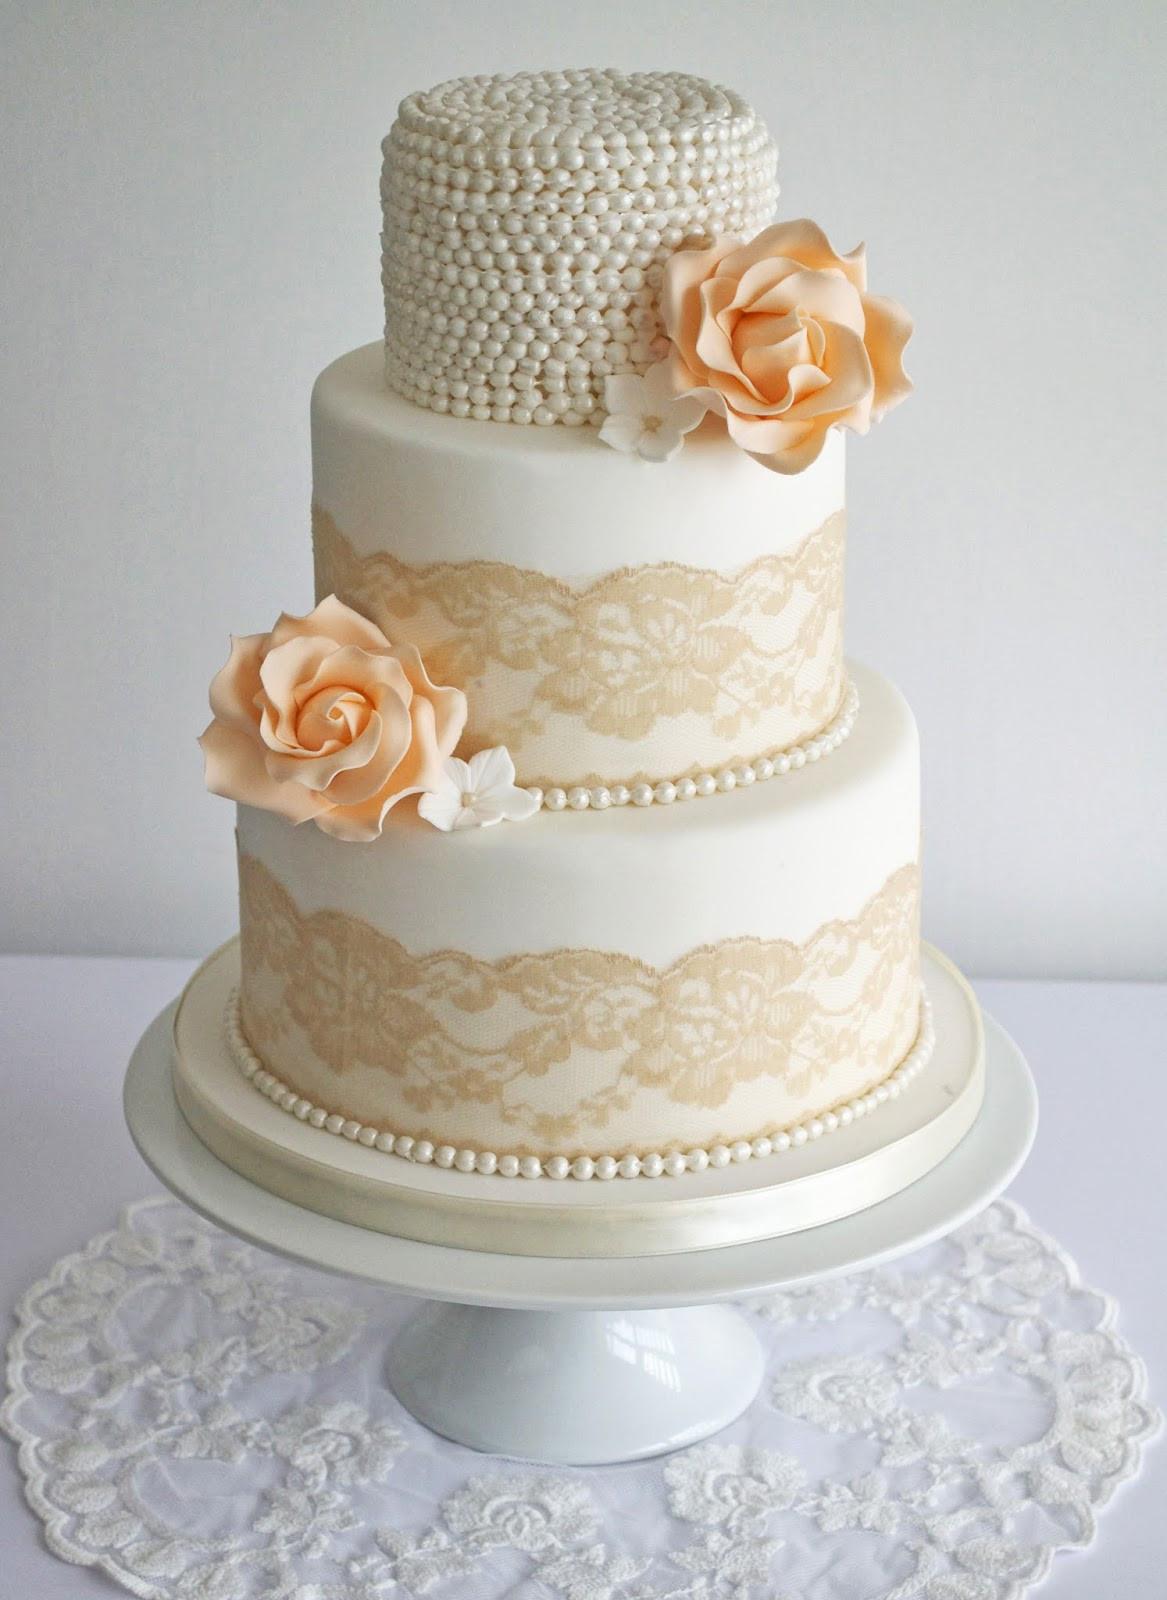 Lace Wedding Cakes  10 Beautiful Wedding Cakes We Love